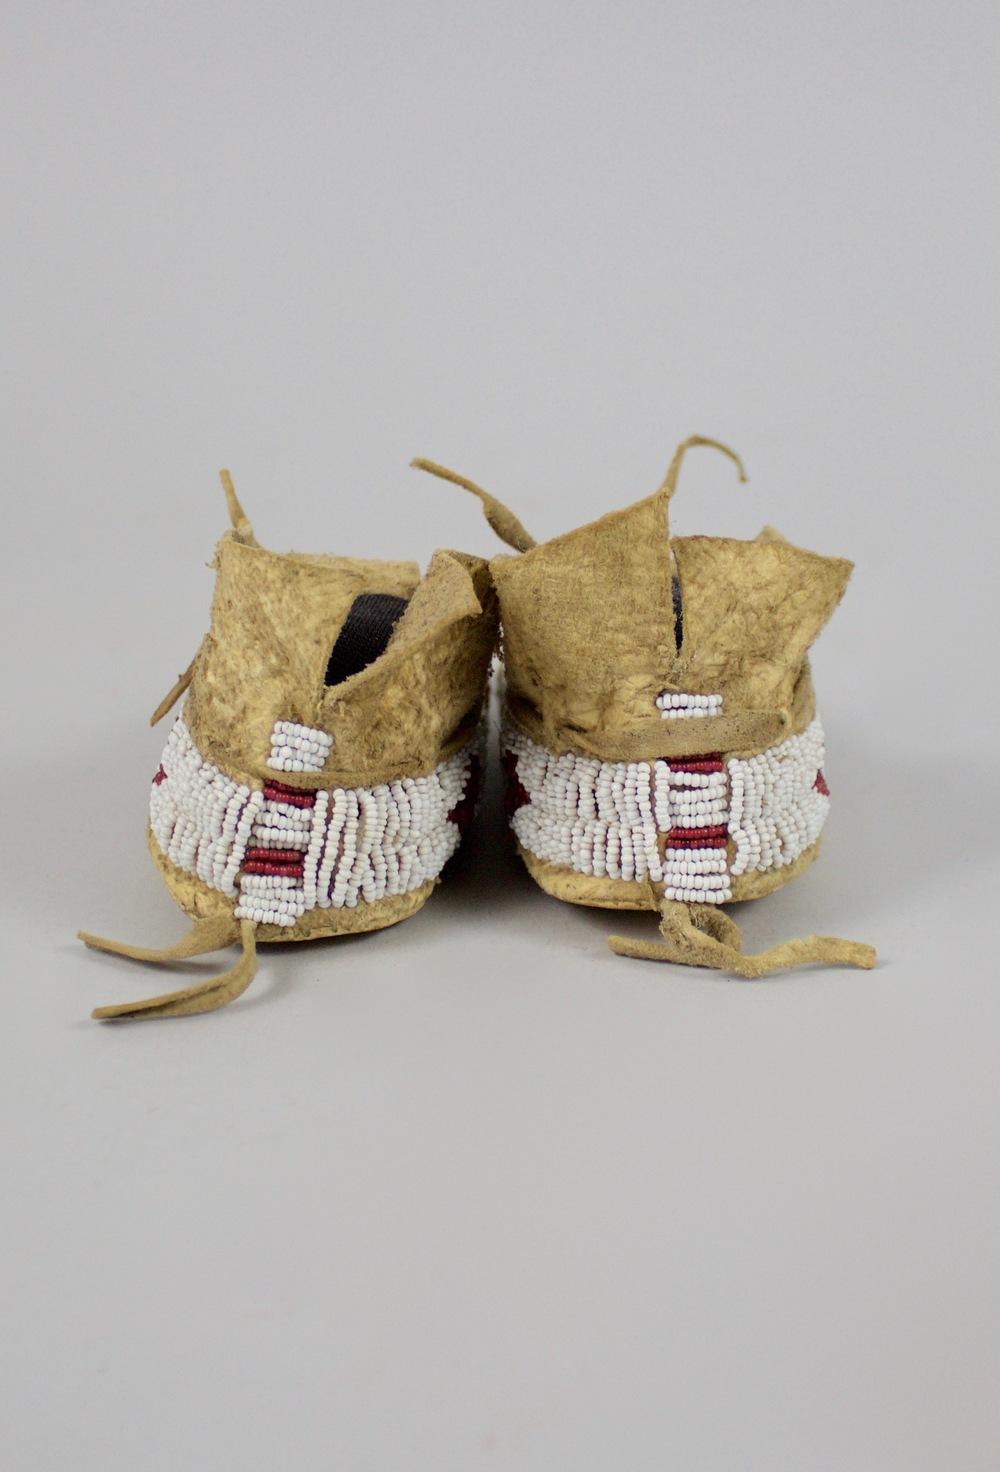 Cheyenne Child's Moccasins c.1870 BV0223